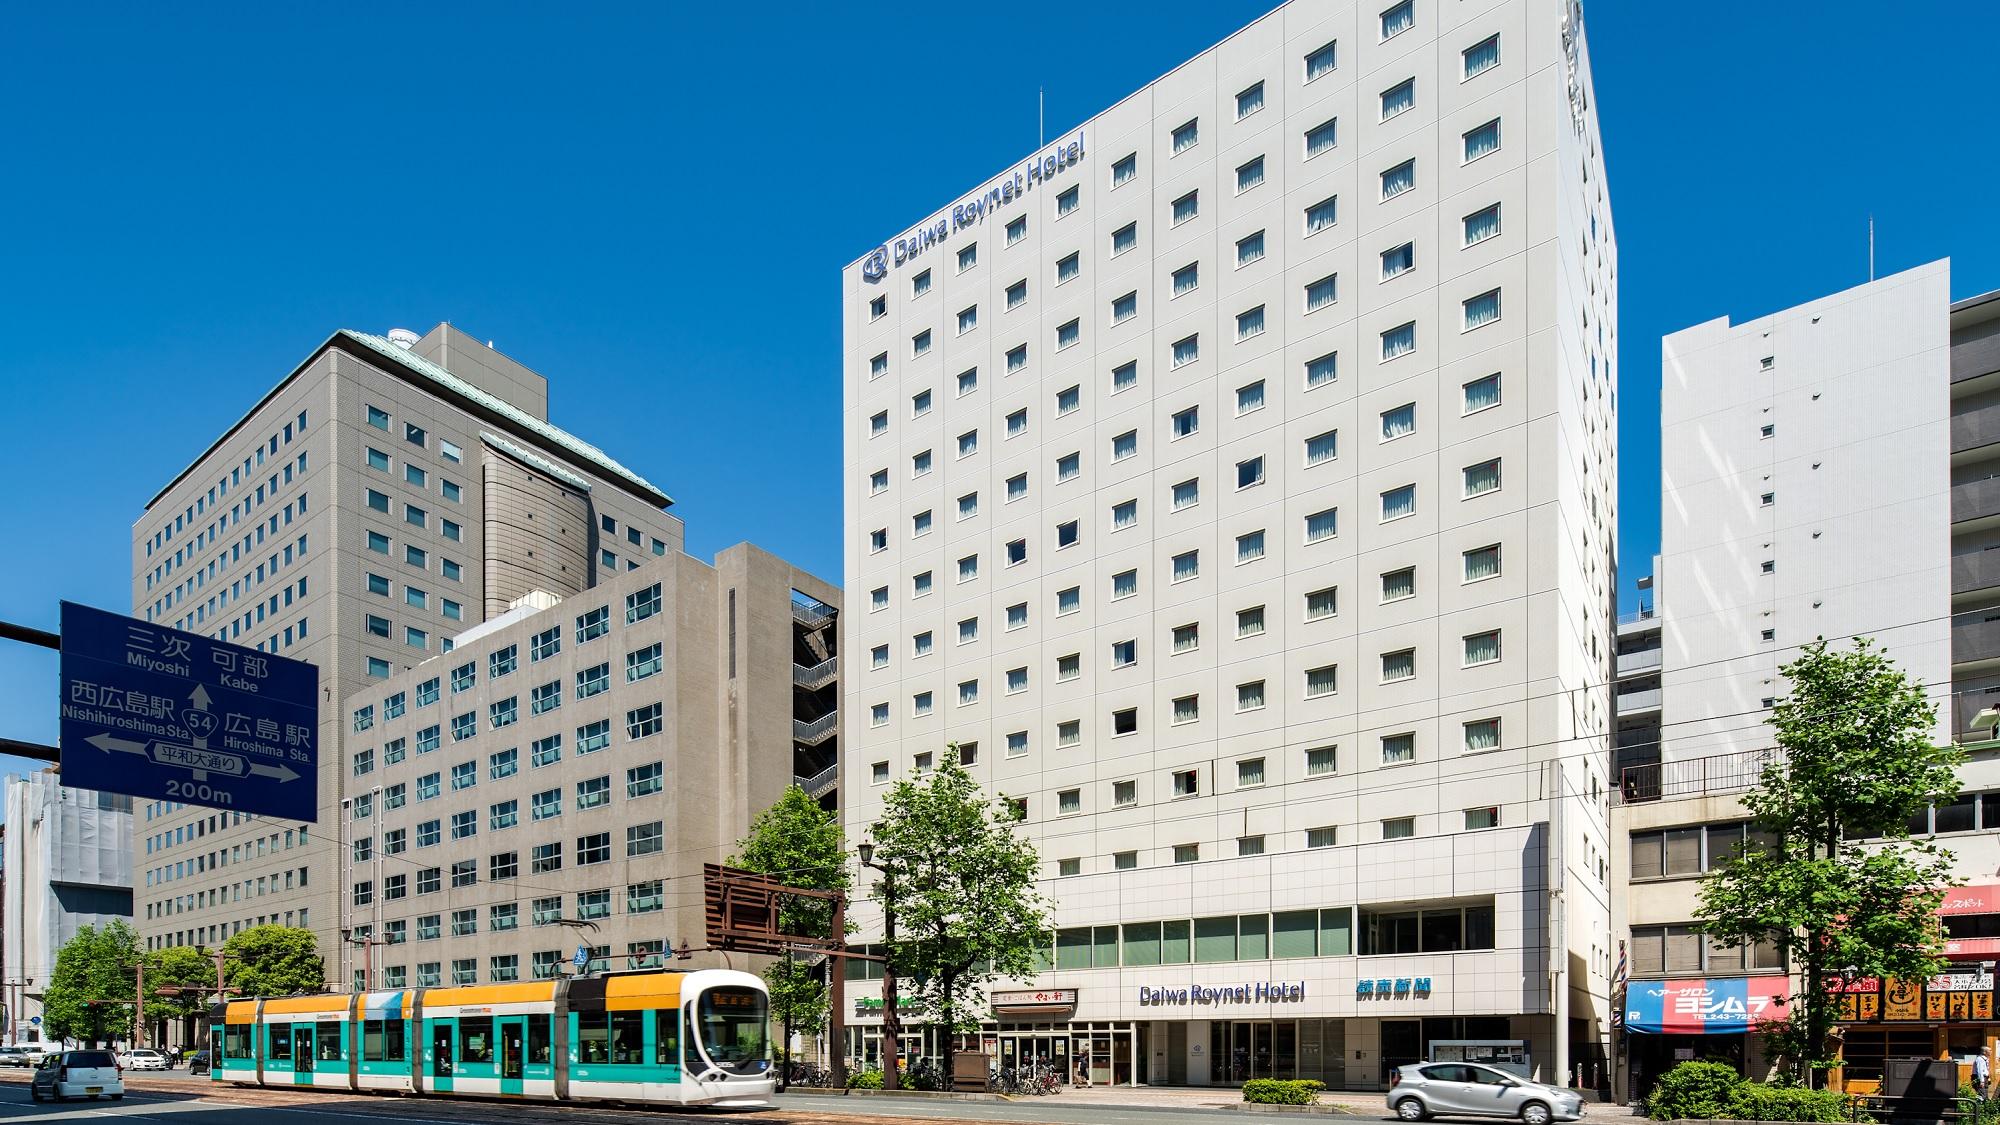 ダイワロイネットホテル広島 image